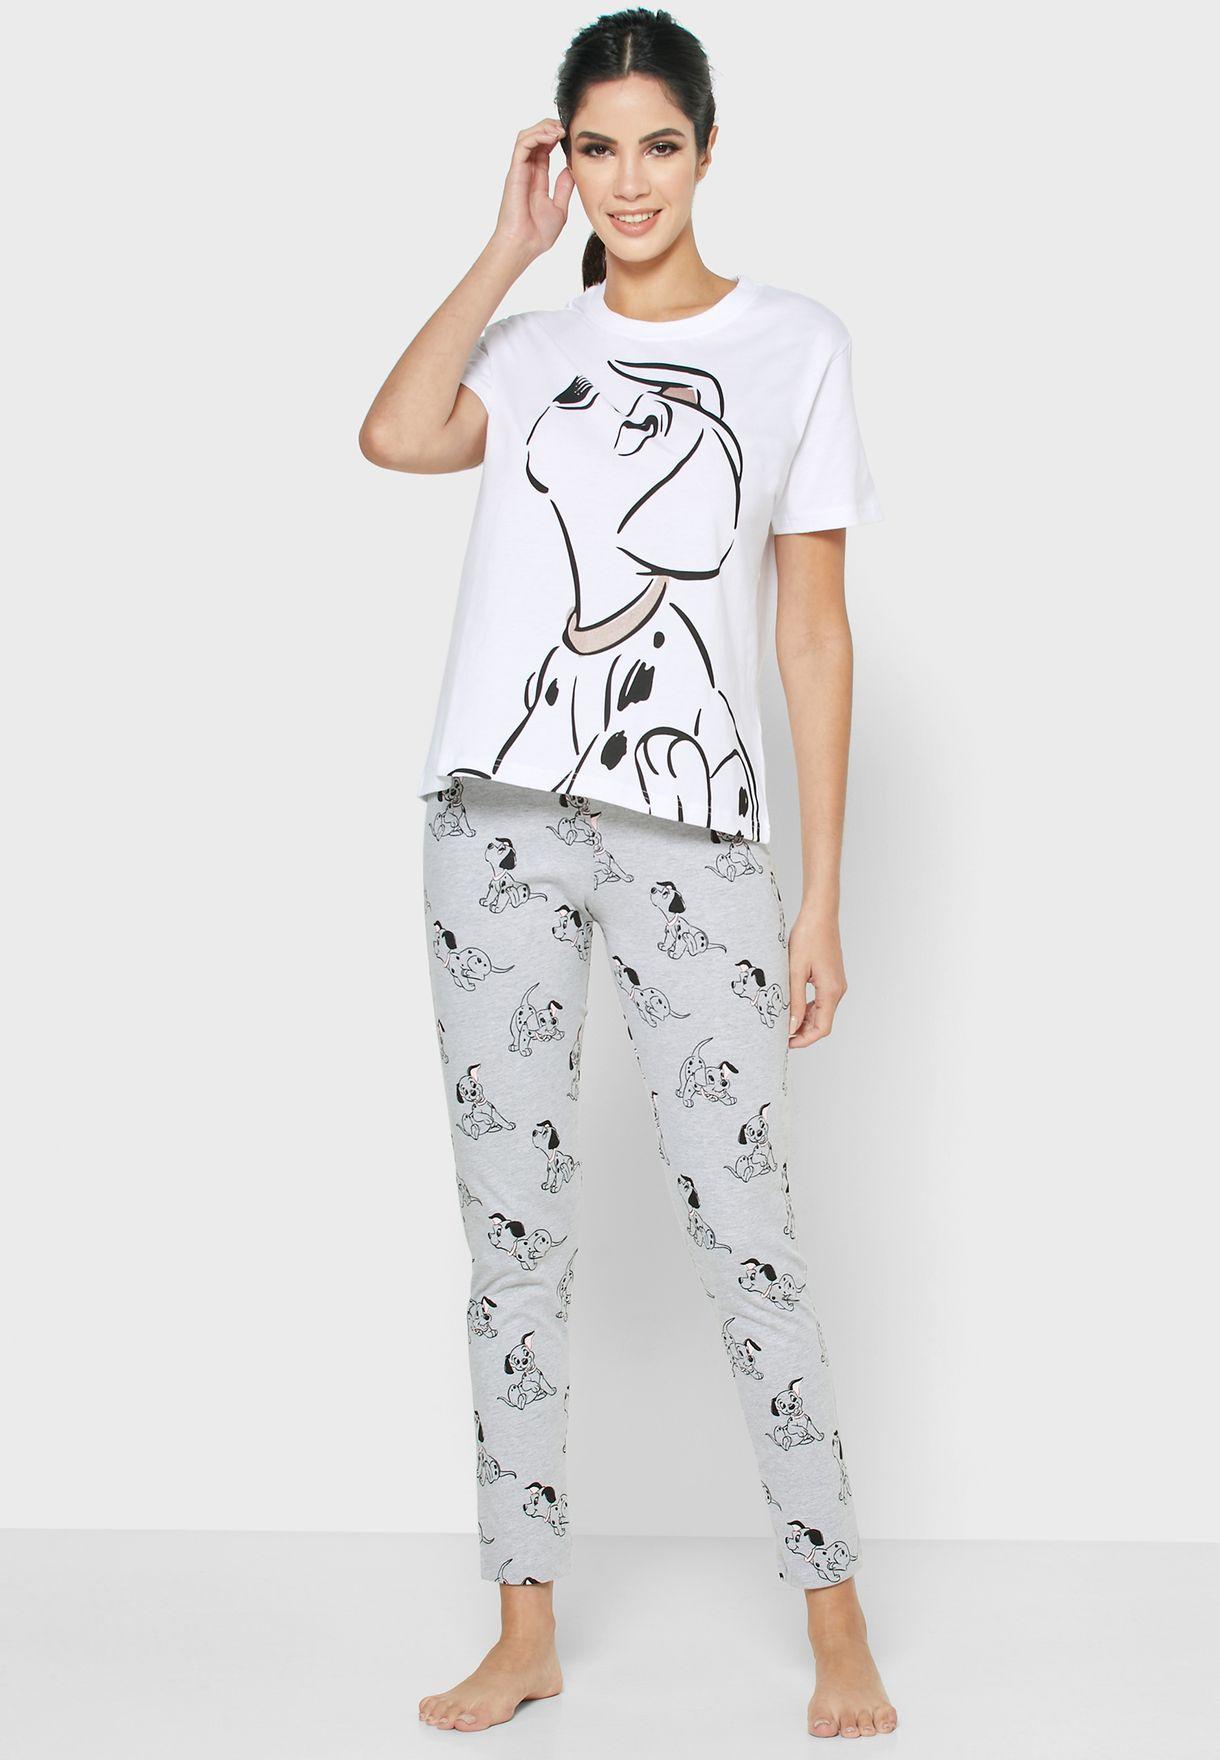 Dalmatian Print T-shirt and Pyjama Set